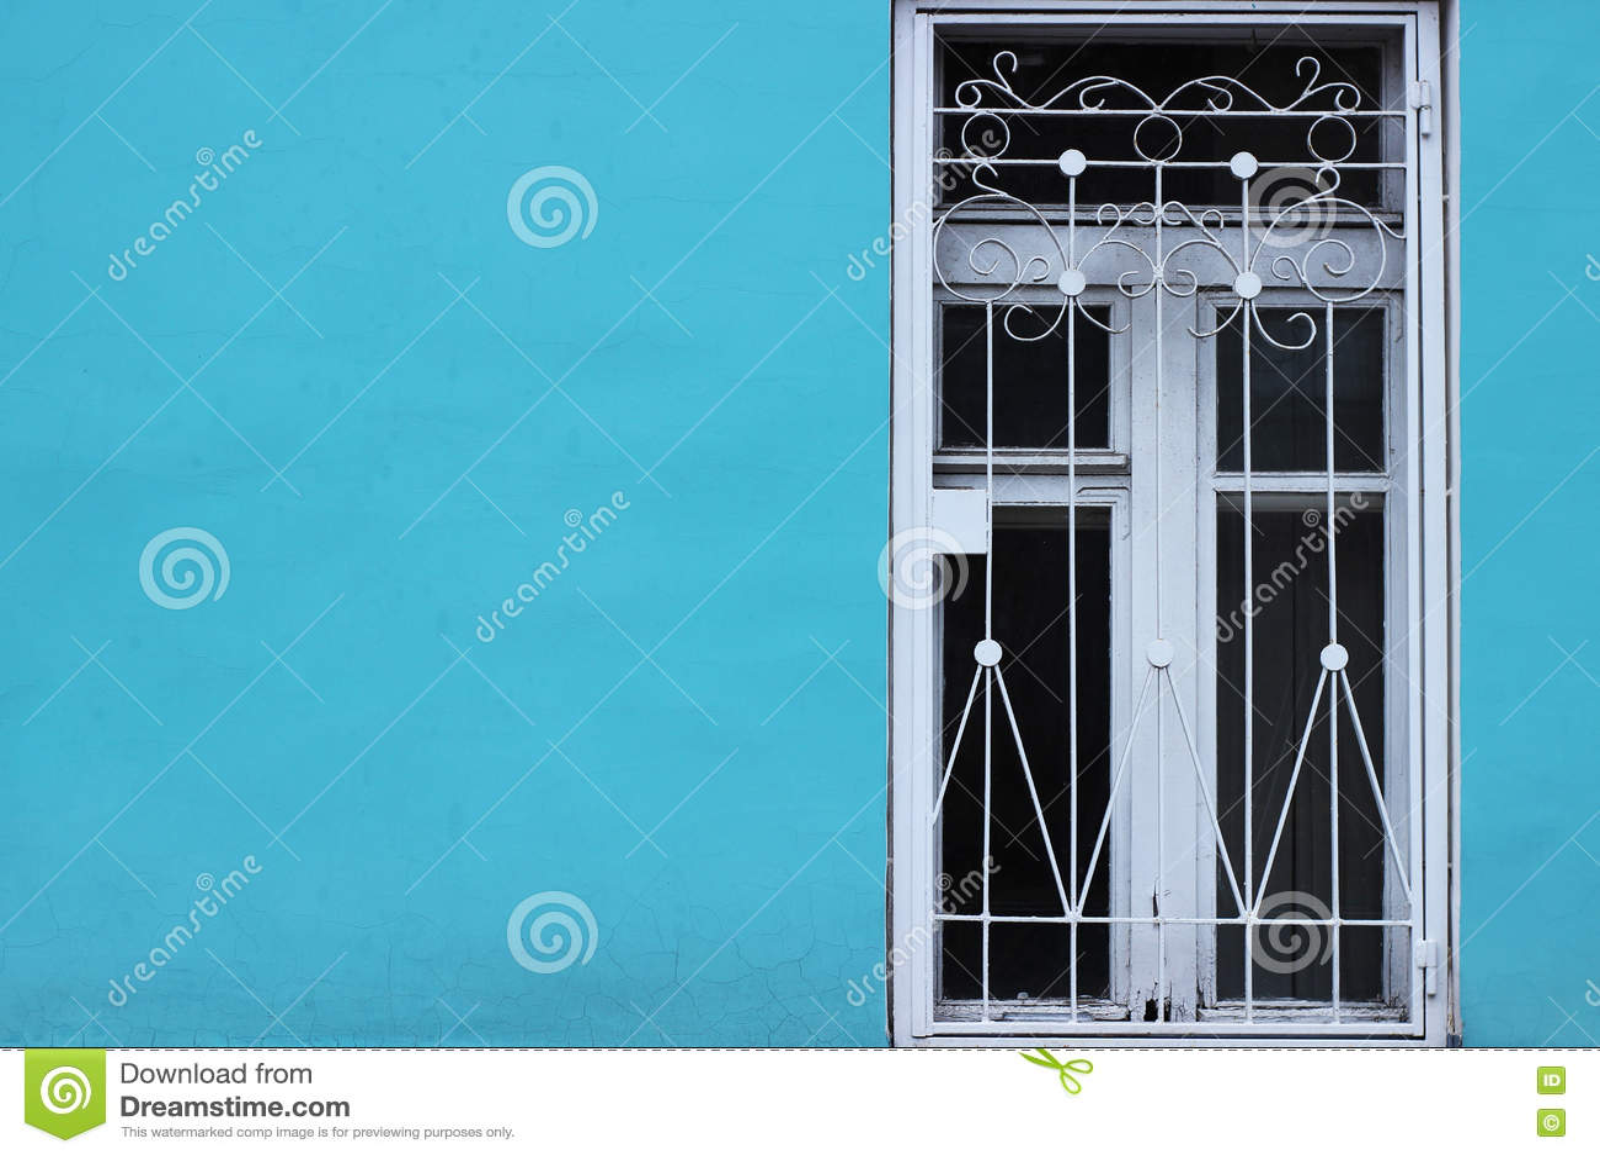 Parede azul brilhante e janela velha branca com barras minimalism